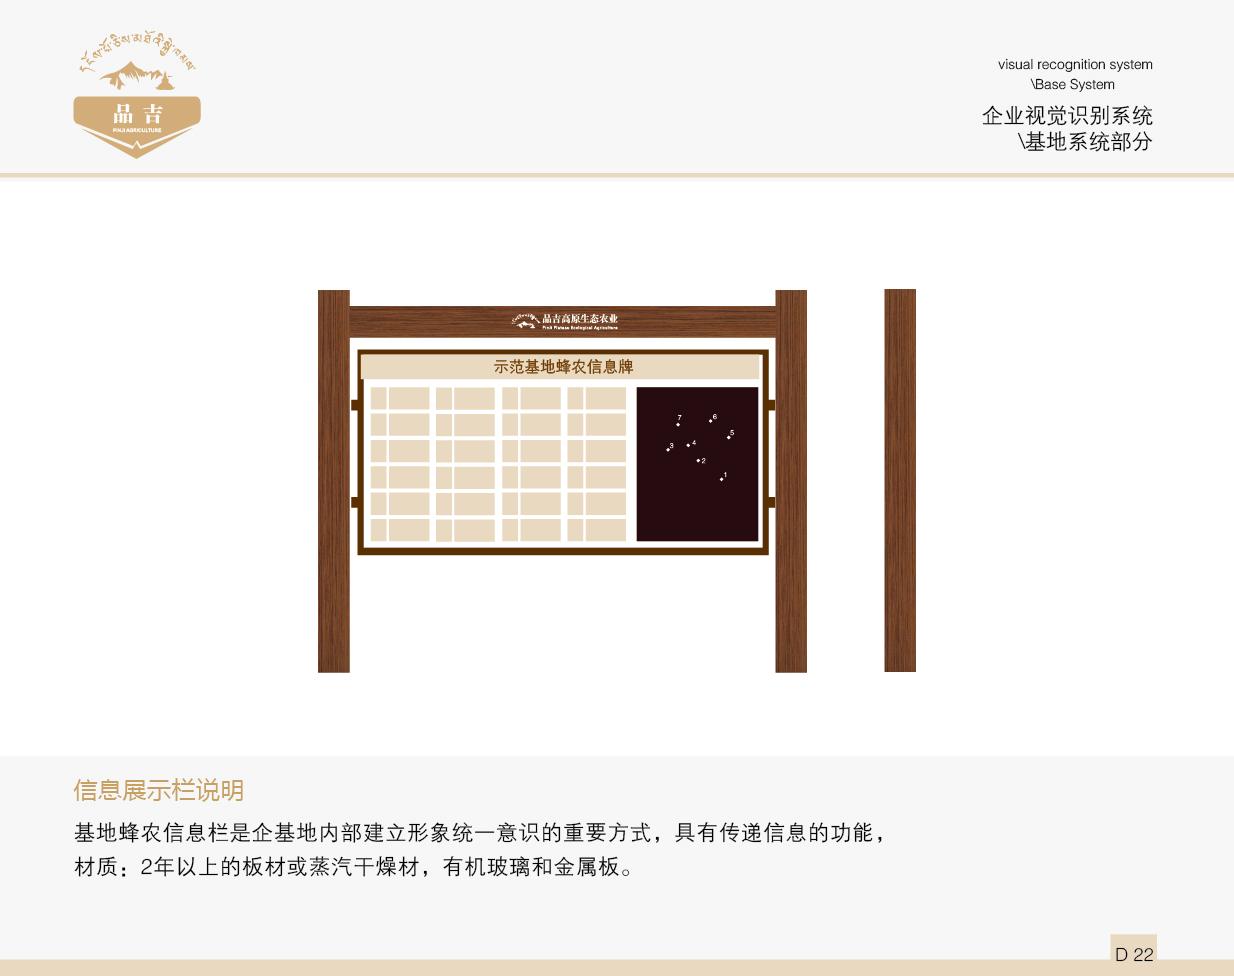 品吉农业VI 基地系统部分  客户资料  第23张